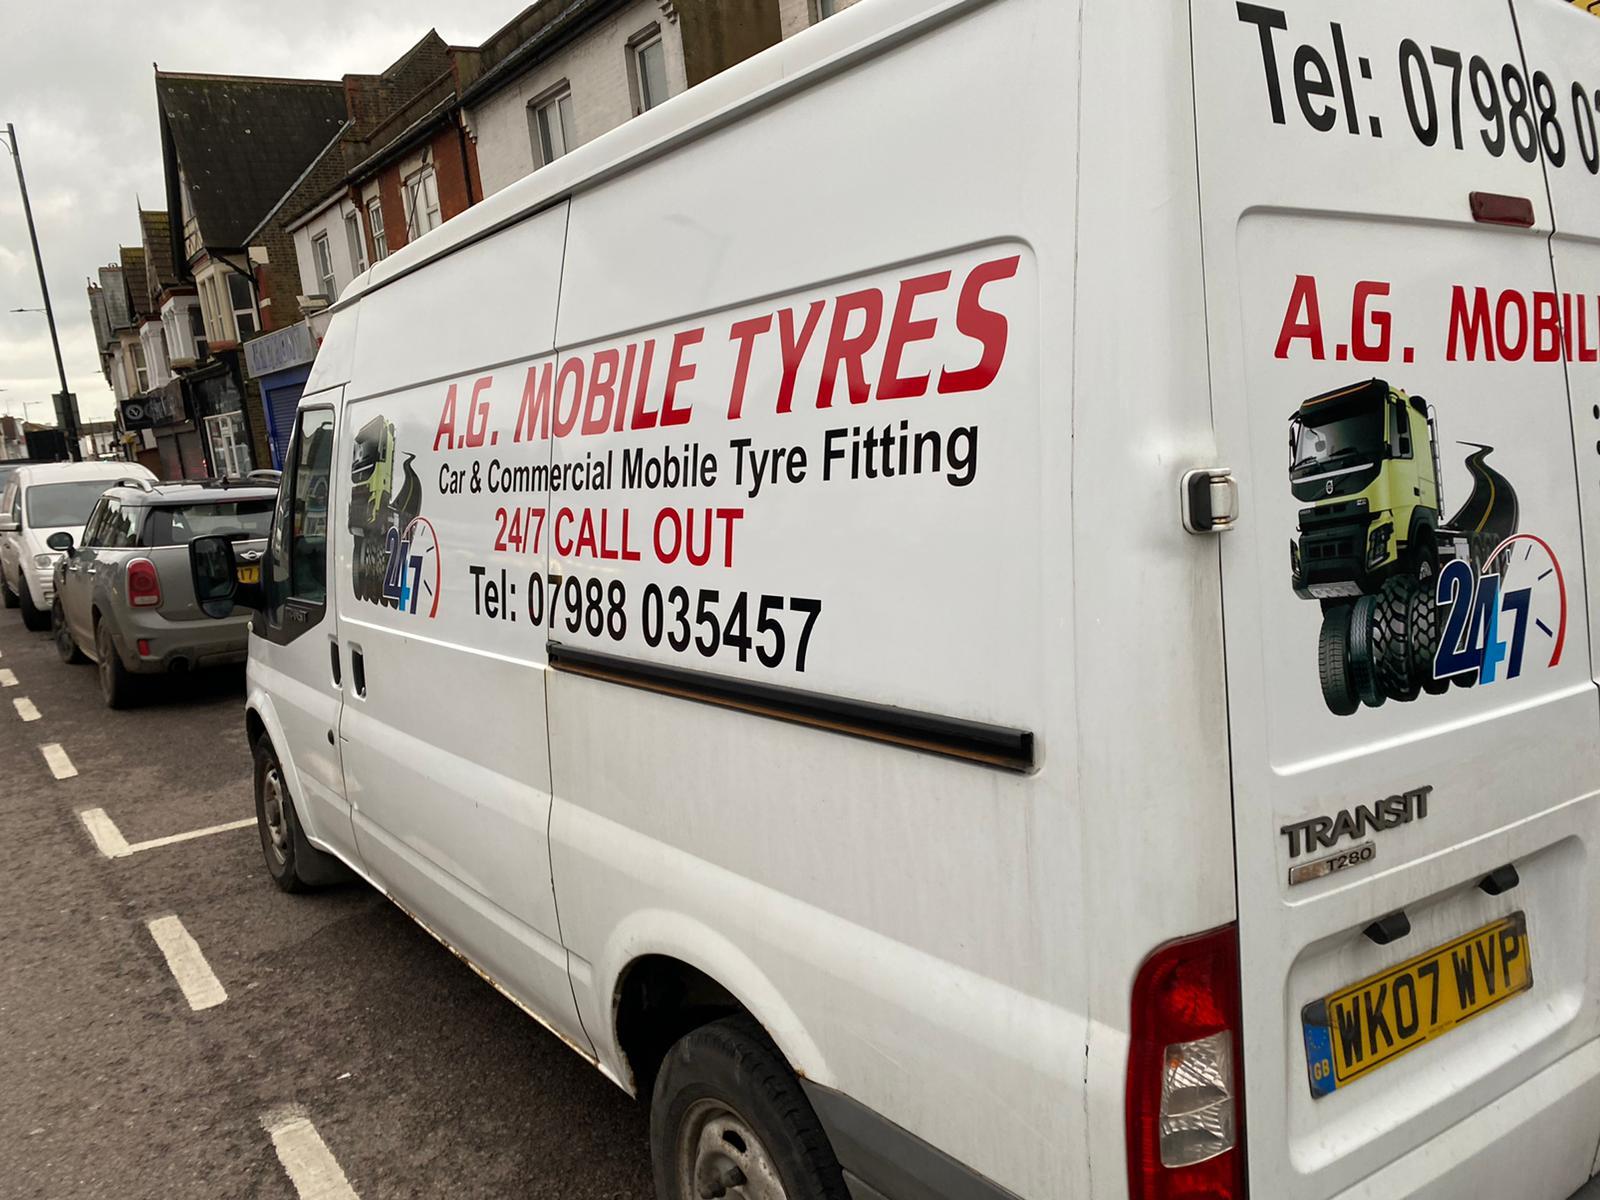 AG Mobile Tyre van